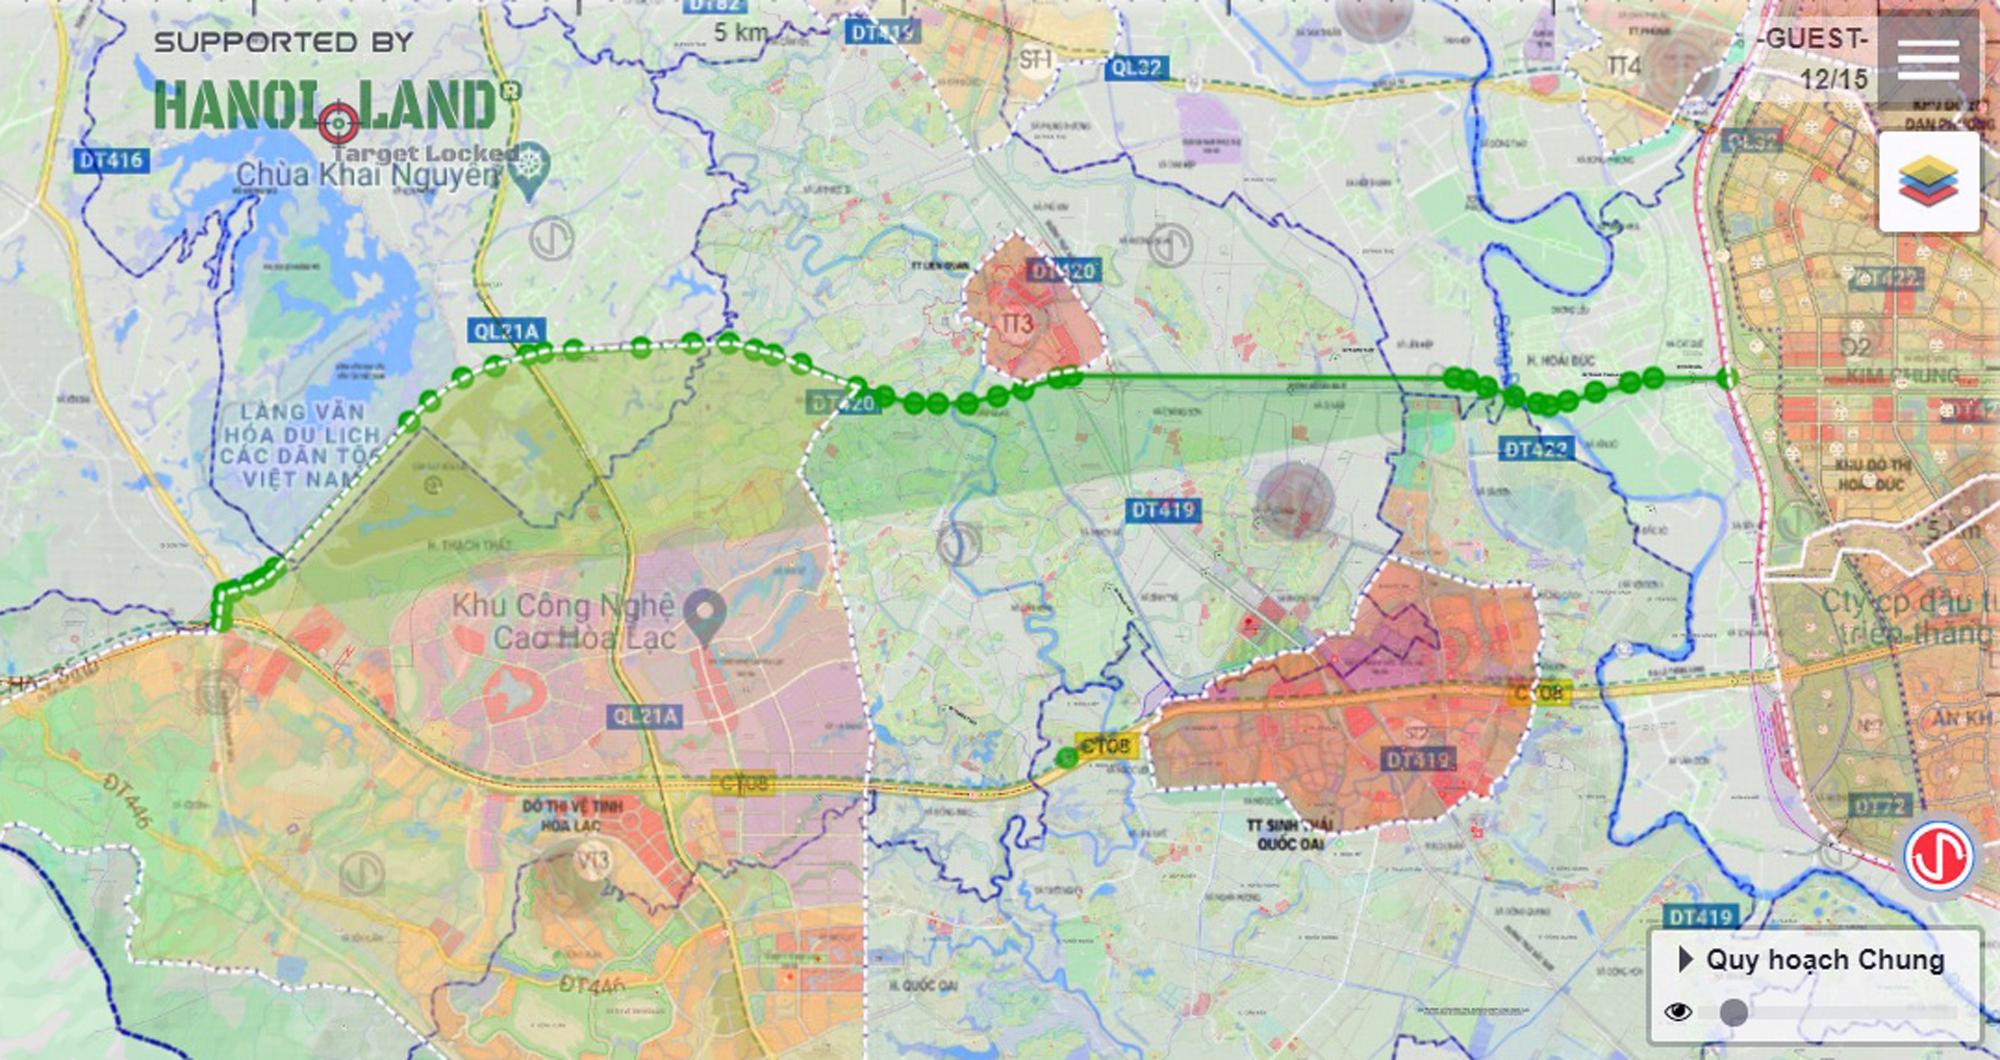 Trục đường Hồ Tây - Ba Vì qua Hòa Lạc sẽ mở theo qui hoạch: Toàn cảnh đoạn Vành đai 4 đến đường Hòa Lạc - Hòa Bình - Ảnh 1.